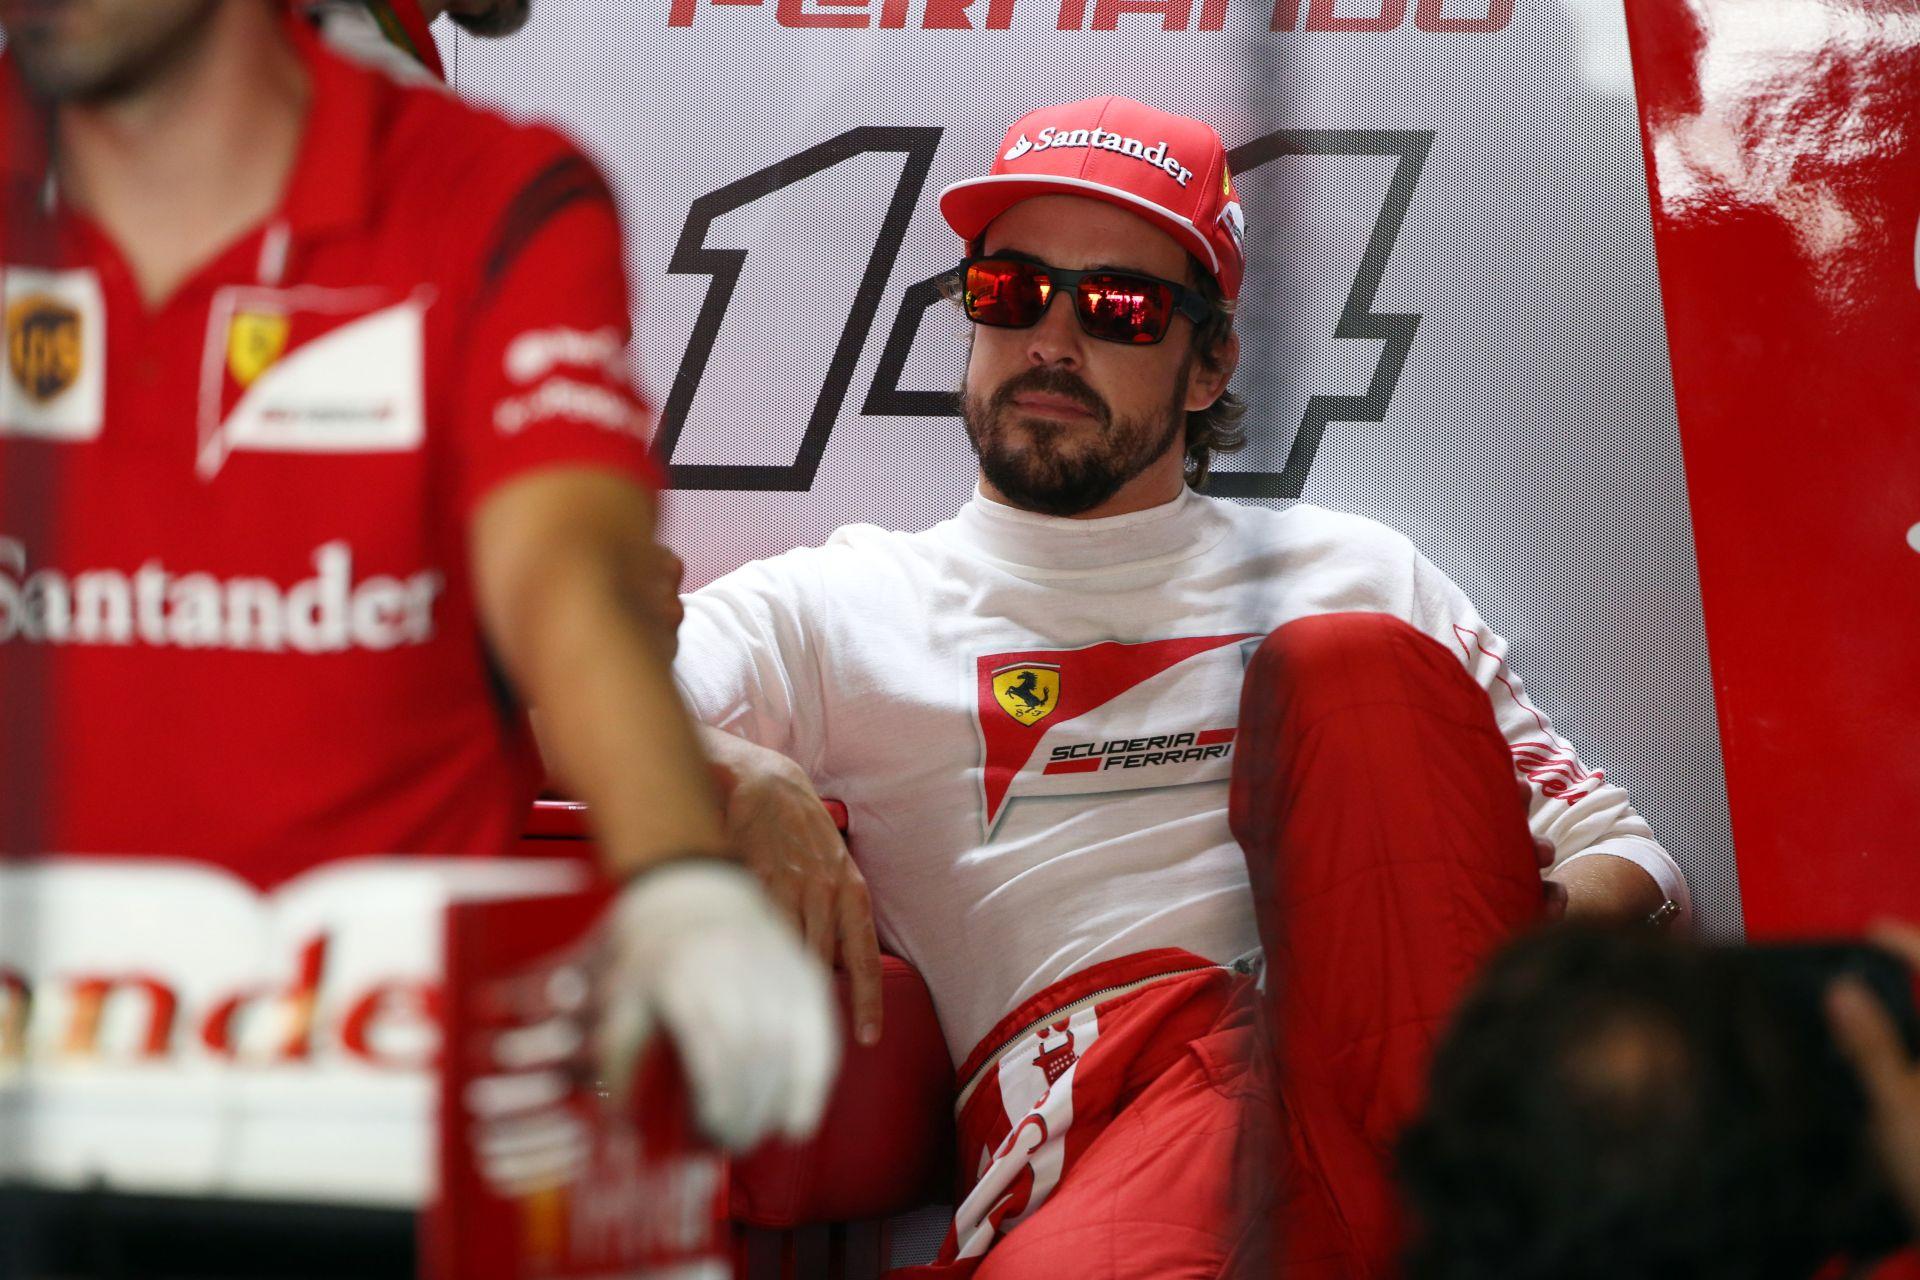 50 millió dolláron megy a vita a Ferrarinál Alonso miatt! Raikkönent olcsóbb lenne kirúgnia Maranellónak